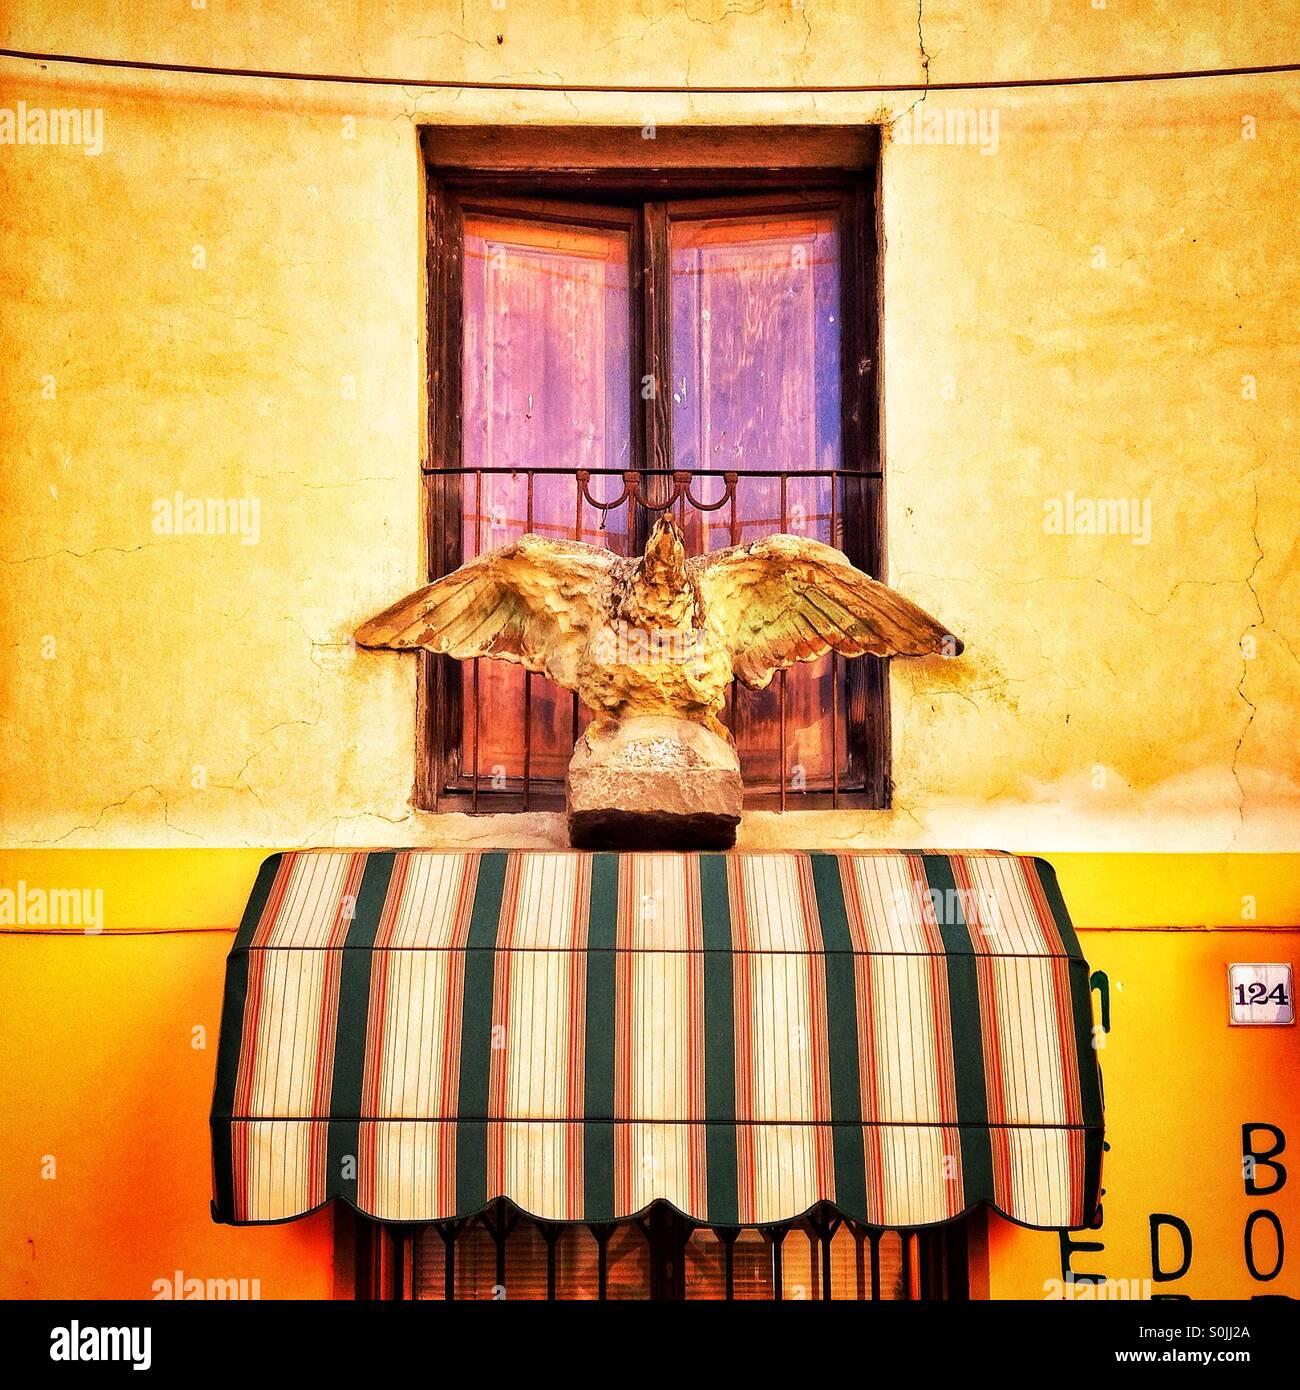 Bird sculpture above awning Borgo a Mozzano Italy - Stock Image